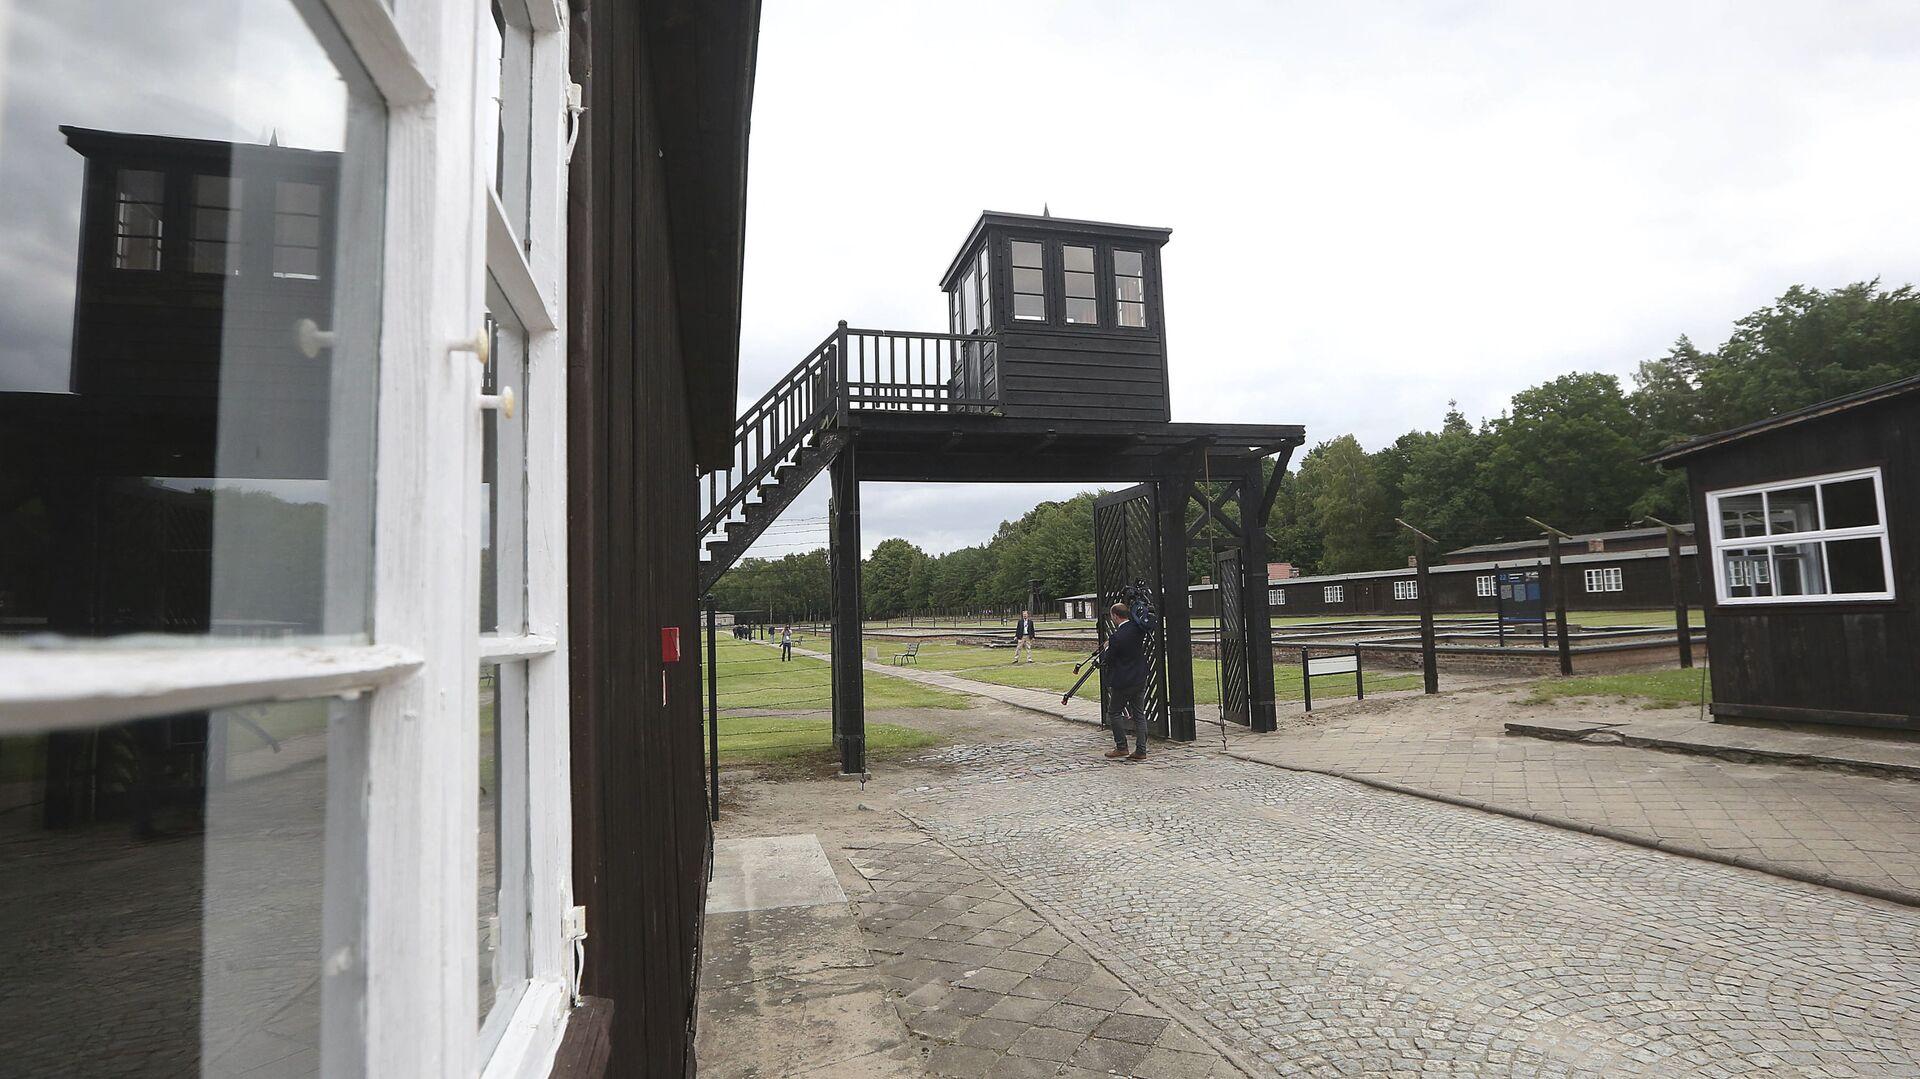 Obóz koncentracyjny Stutthof - Sputnik Polska, 1920, 30.09.2021